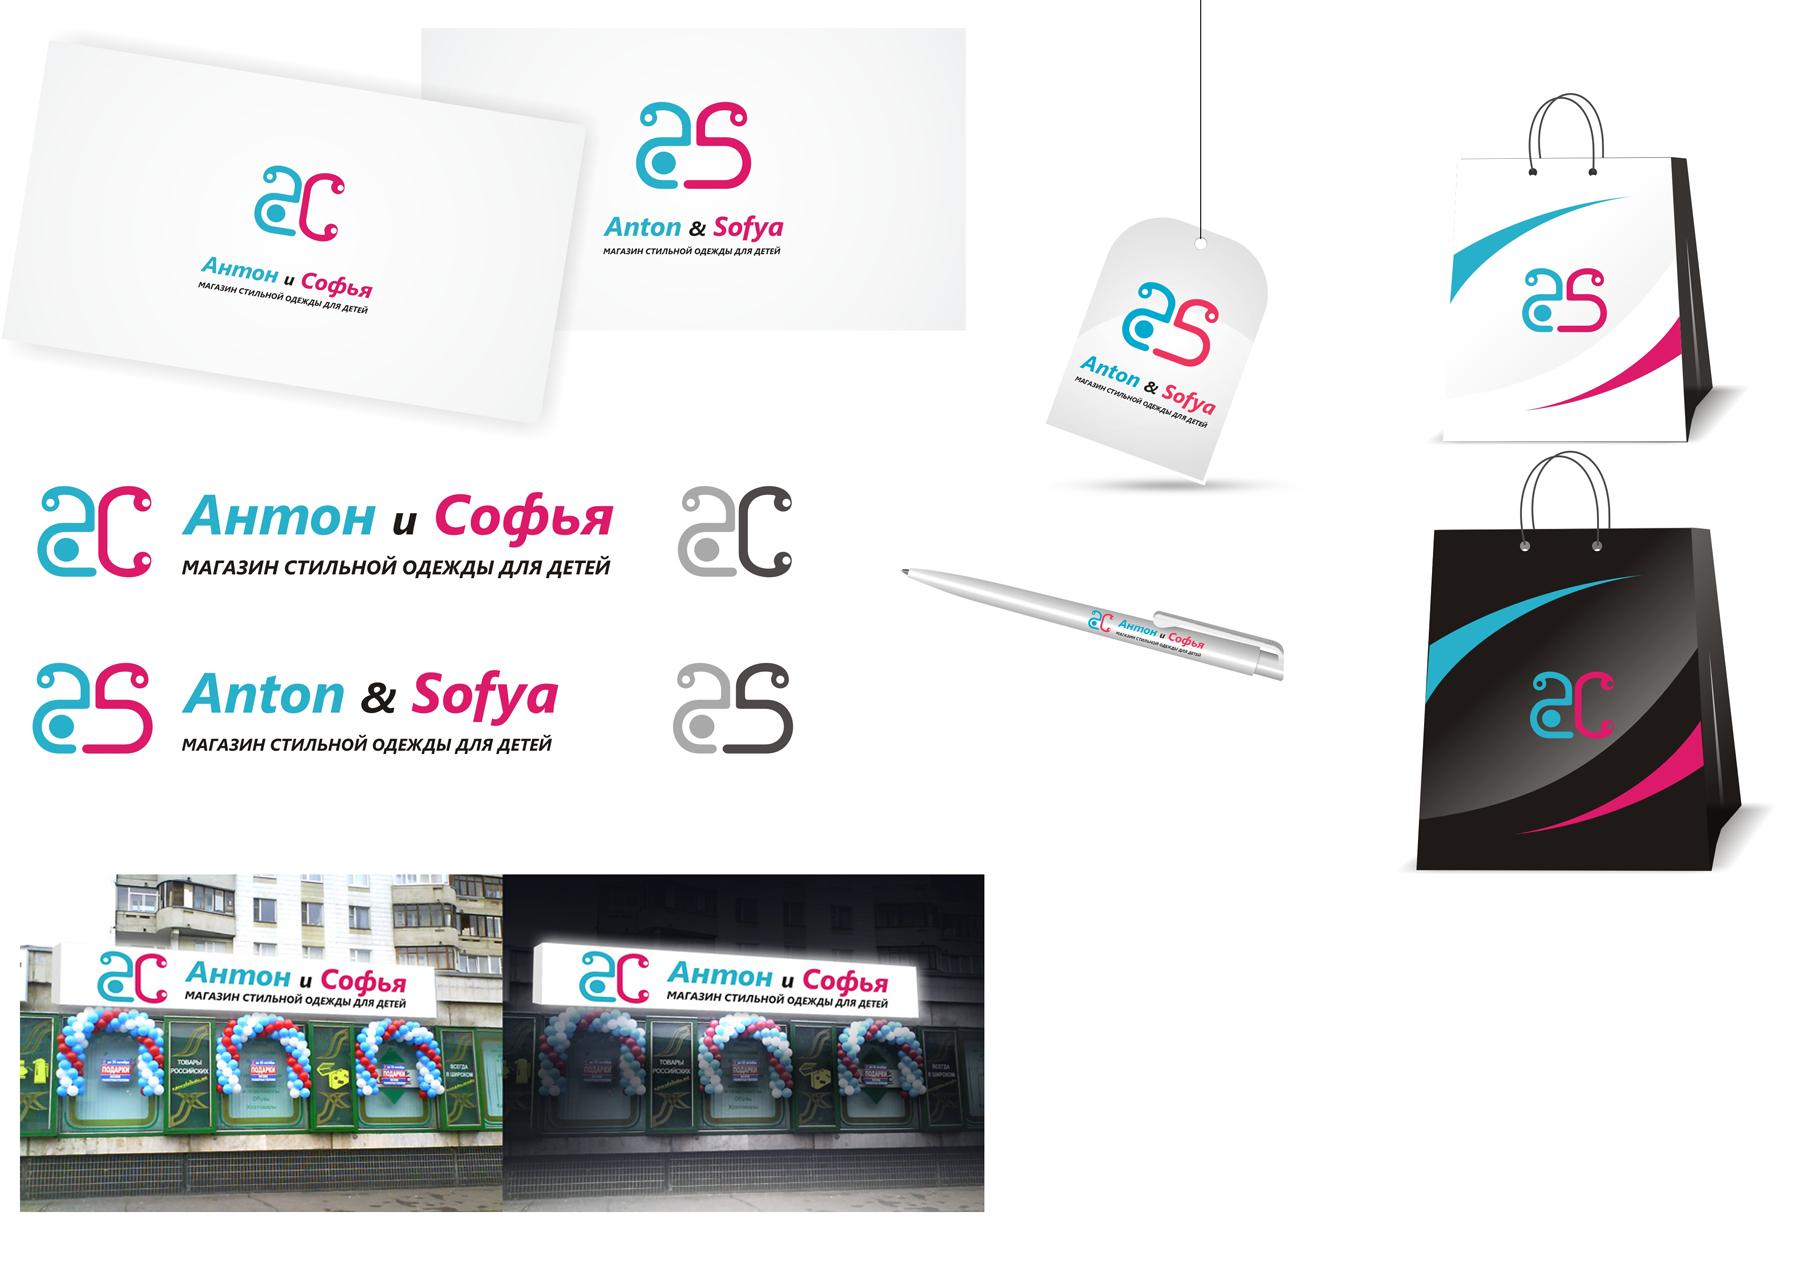 Логотип и вывеска для магазина детской одежды фото f_4c829e83a6ddc.jpg